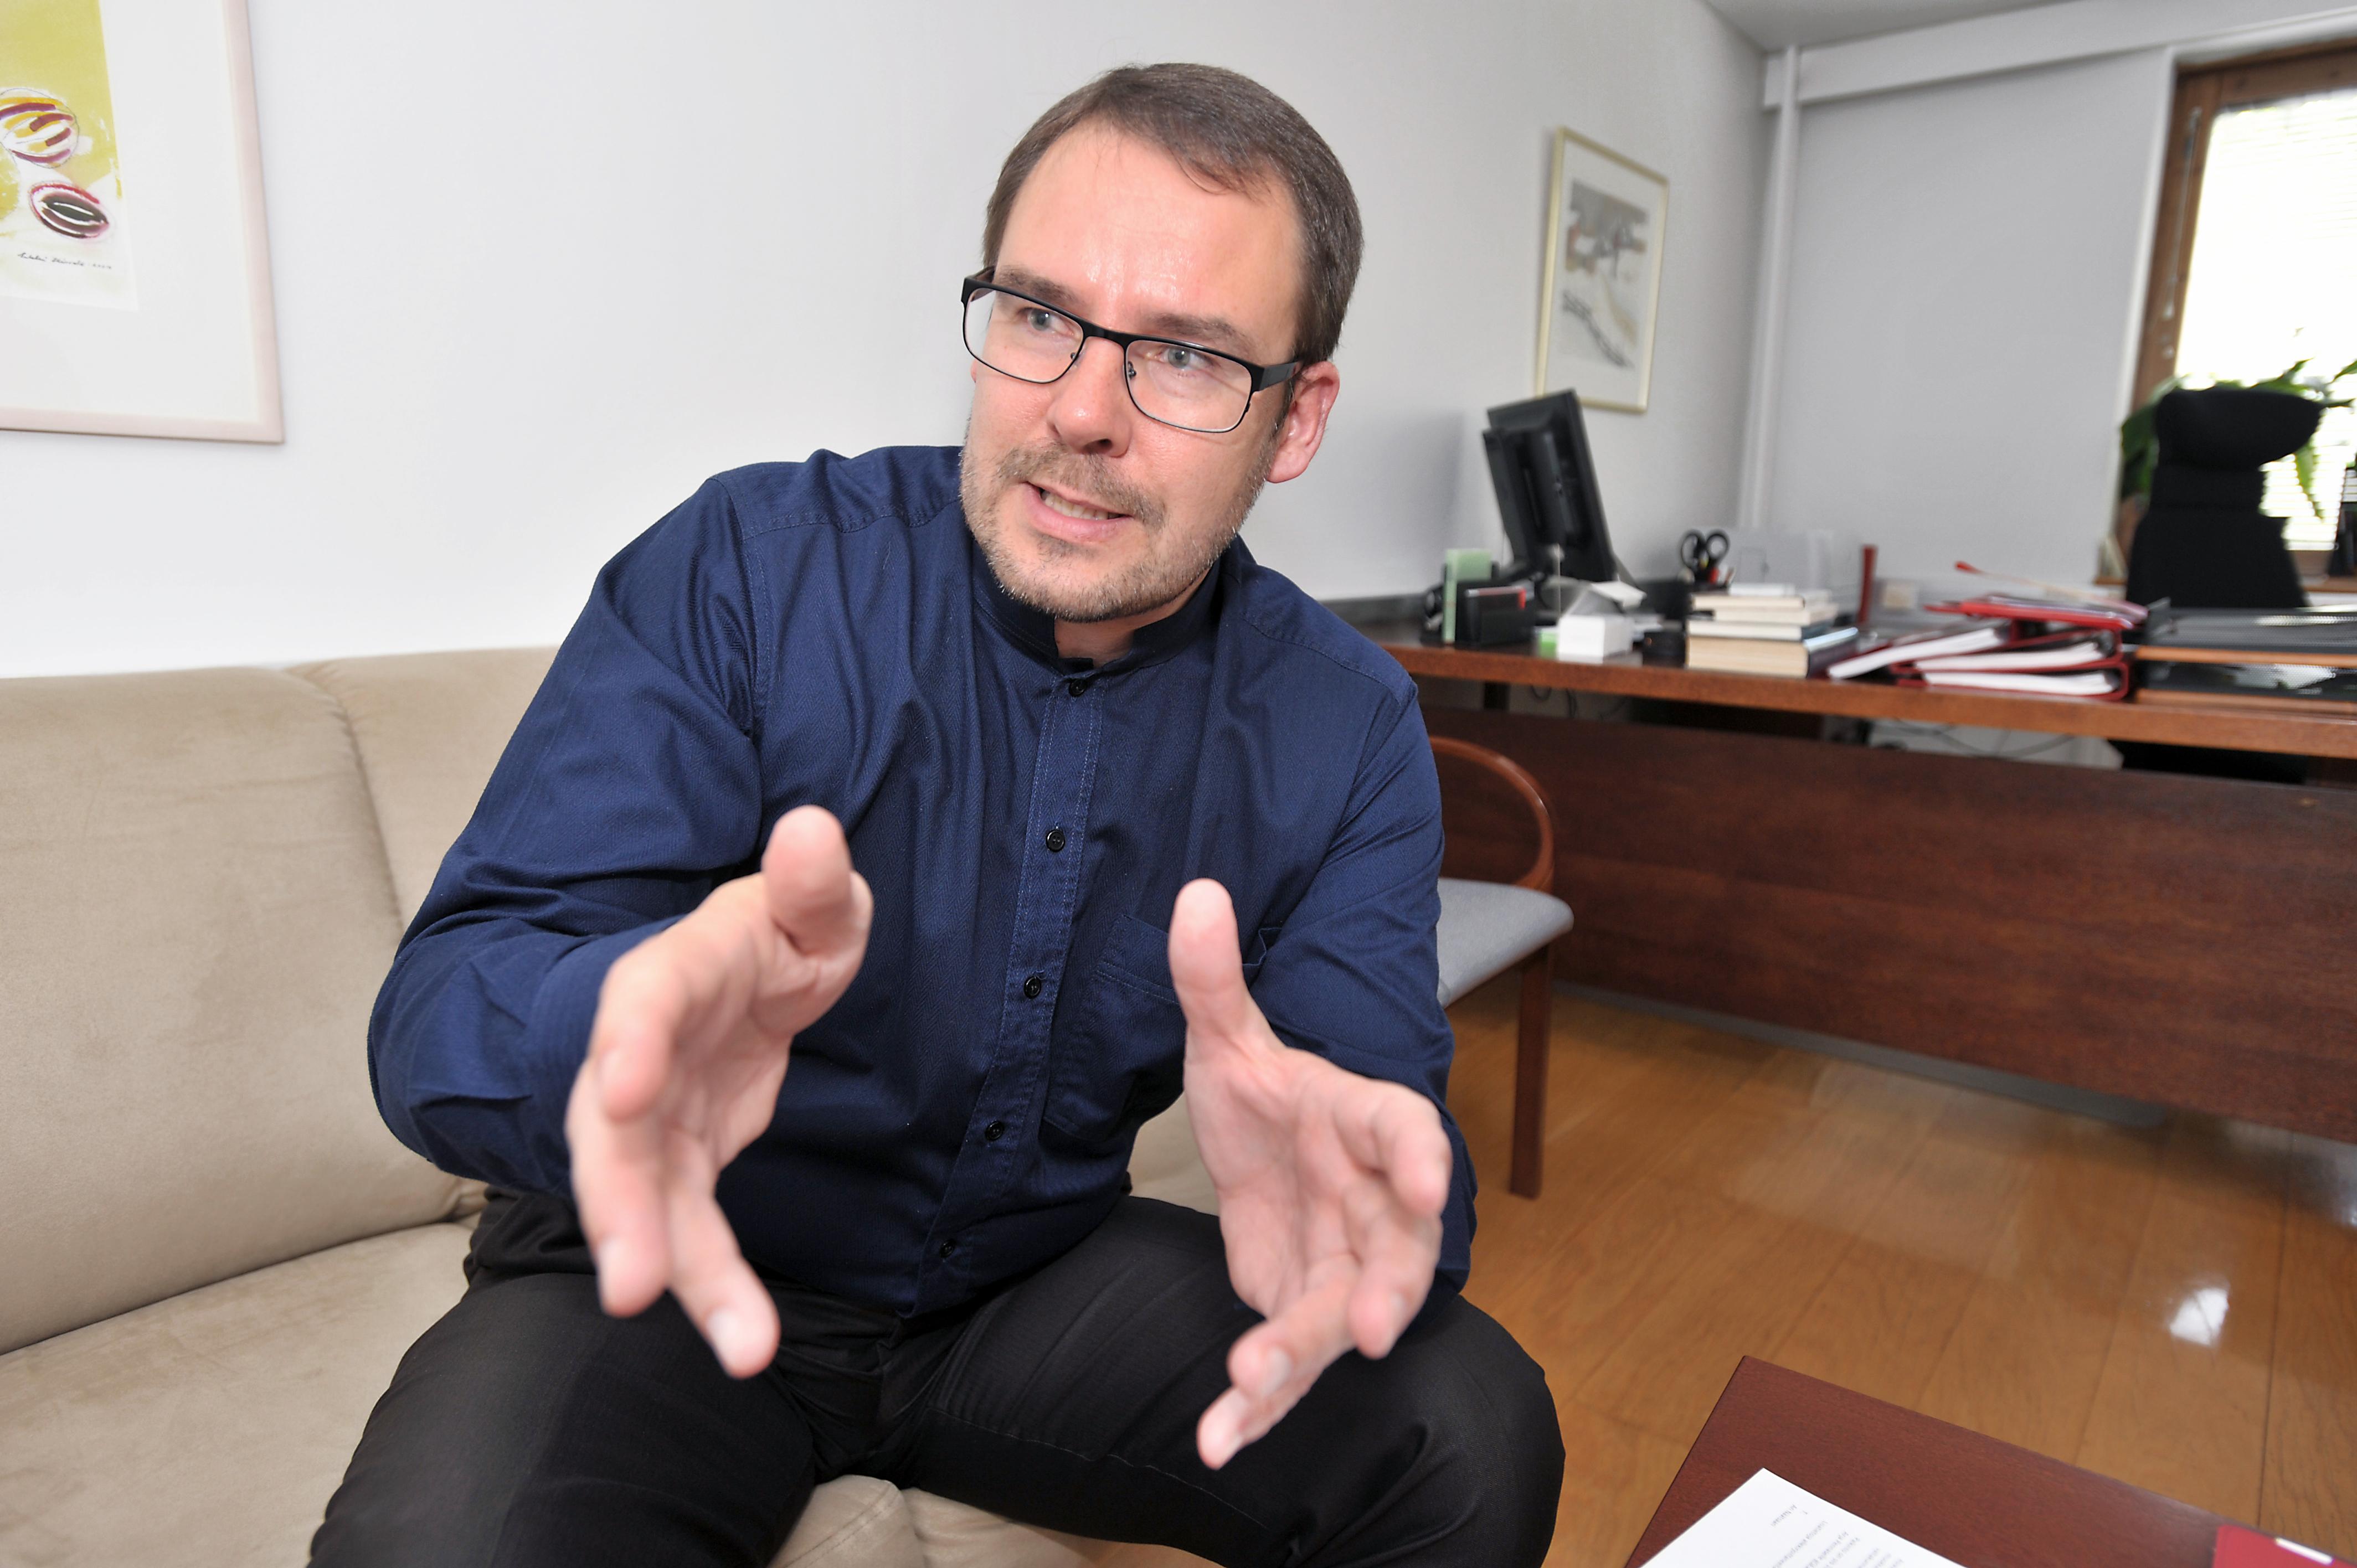 Puoluesihteeri Reijo Paananen muistuttaa, että gallupit ovat gallupeita.